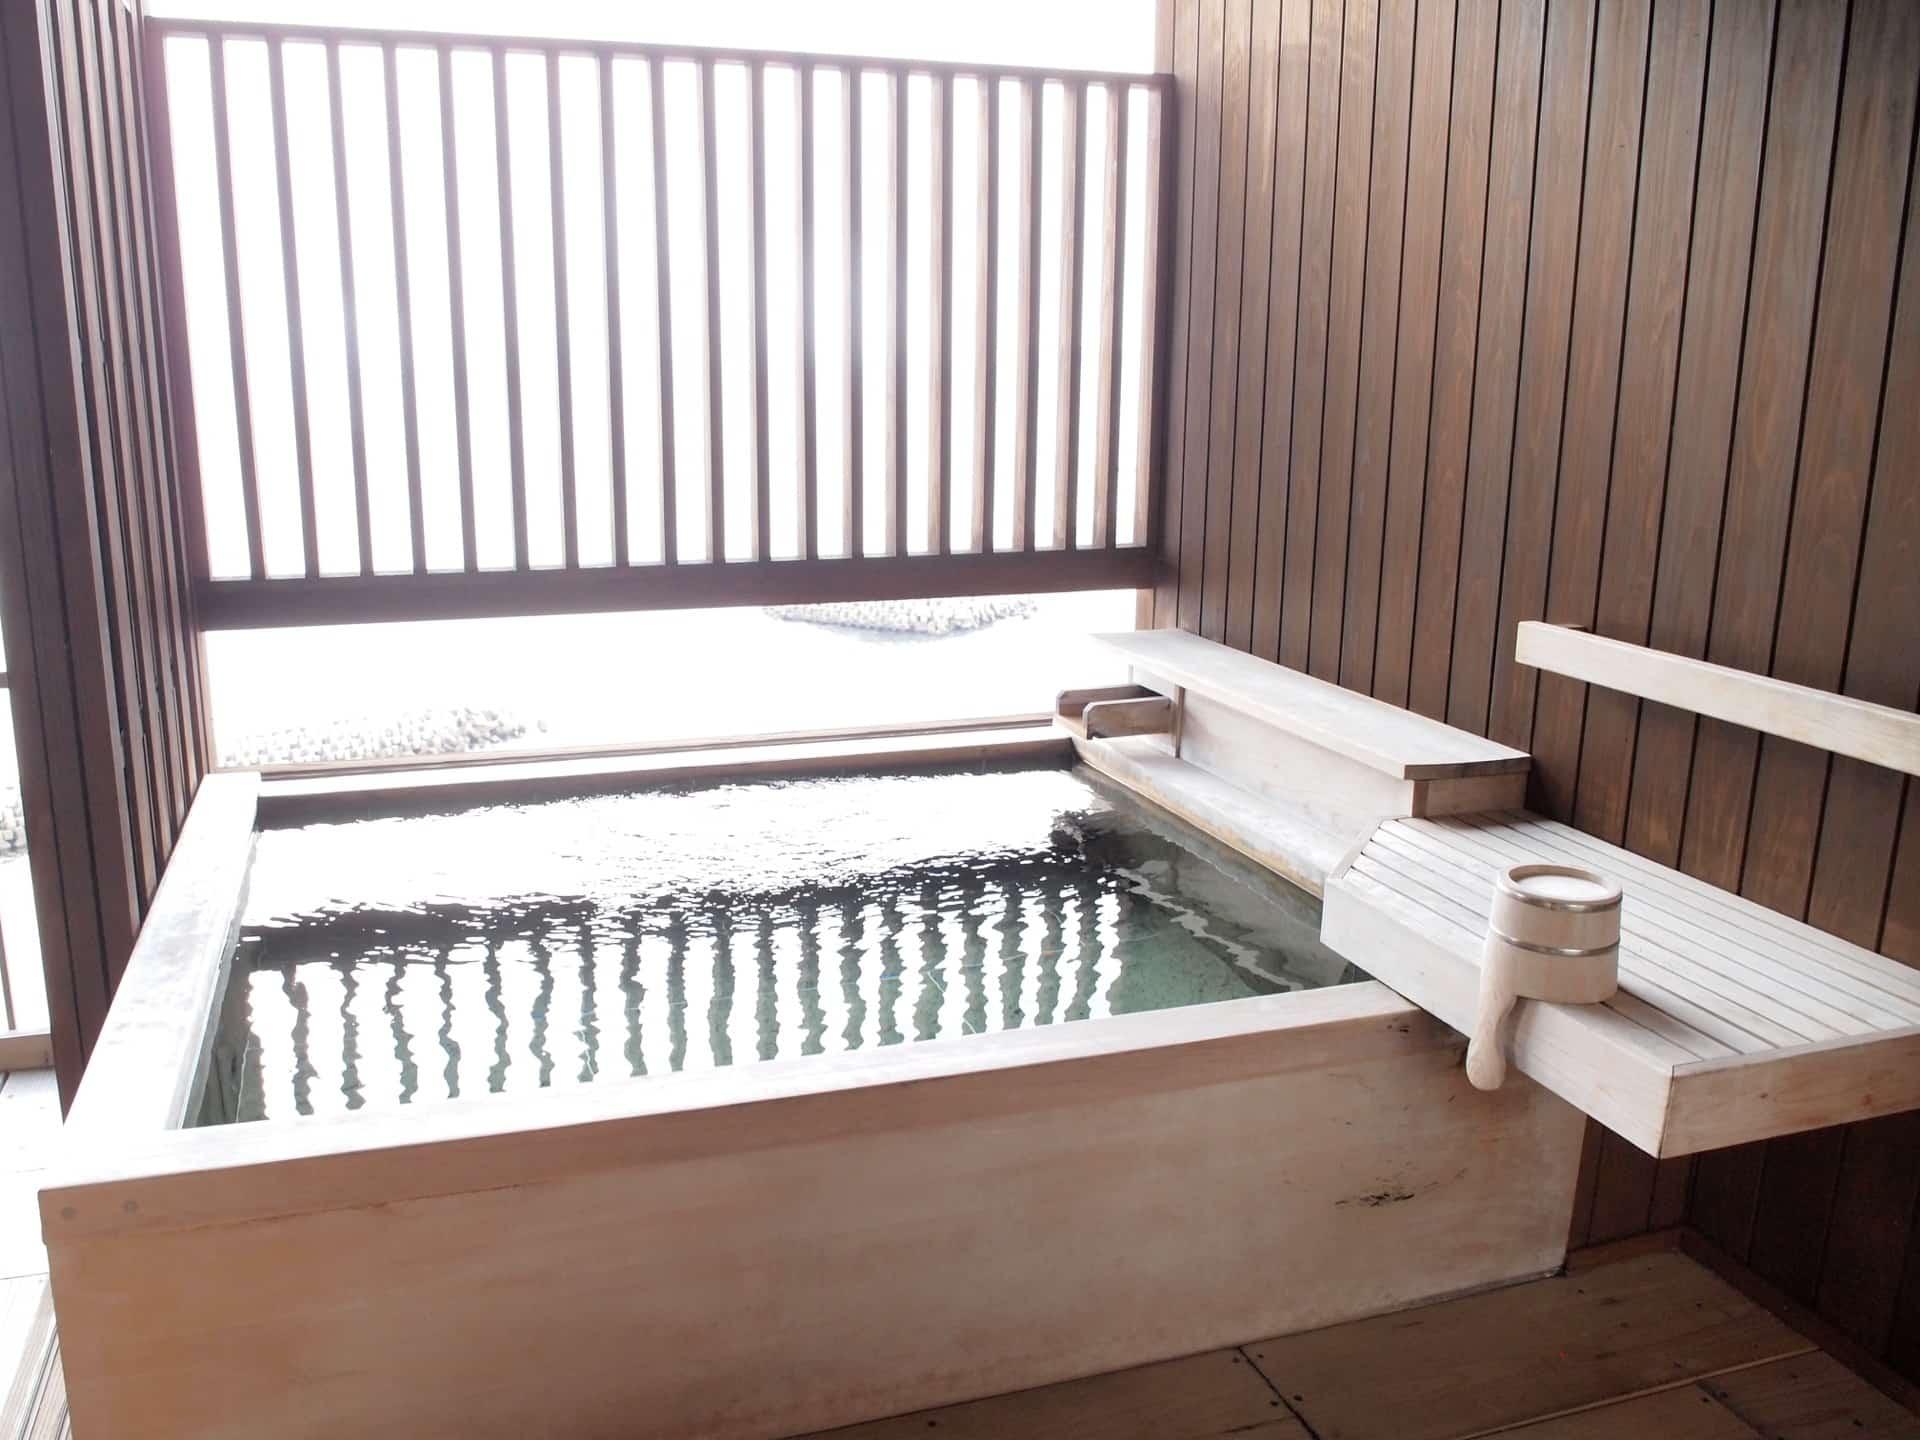 【旅行記】「ホテルニューアワジ ヴィラ楽園」露天風呂温泉付き部屋で贅沢な時間